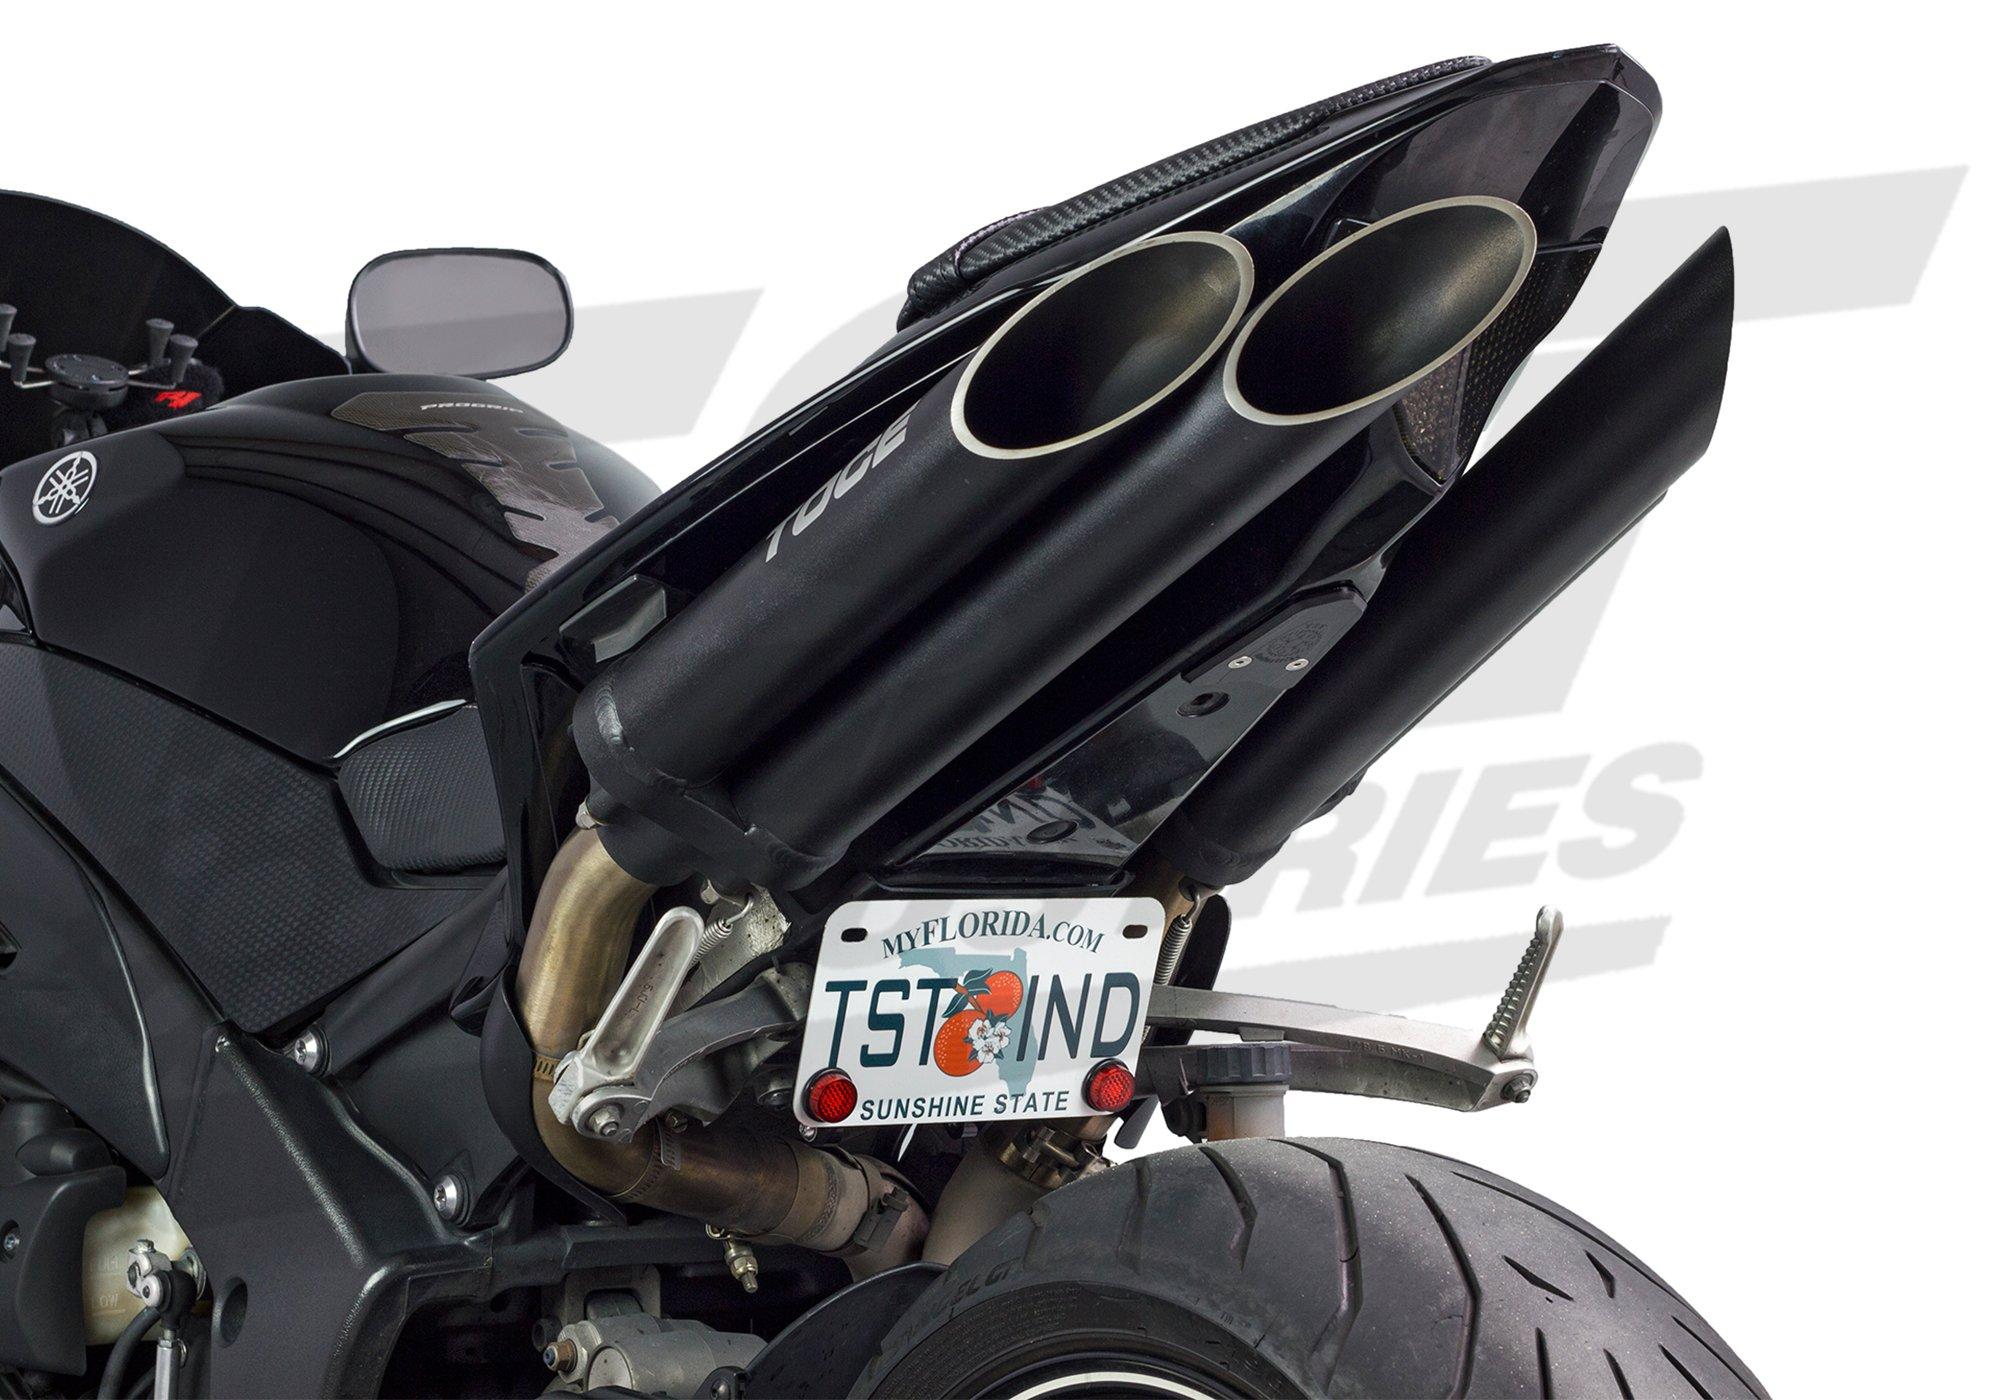 Yamaha Motorcycle Fuse Box Location